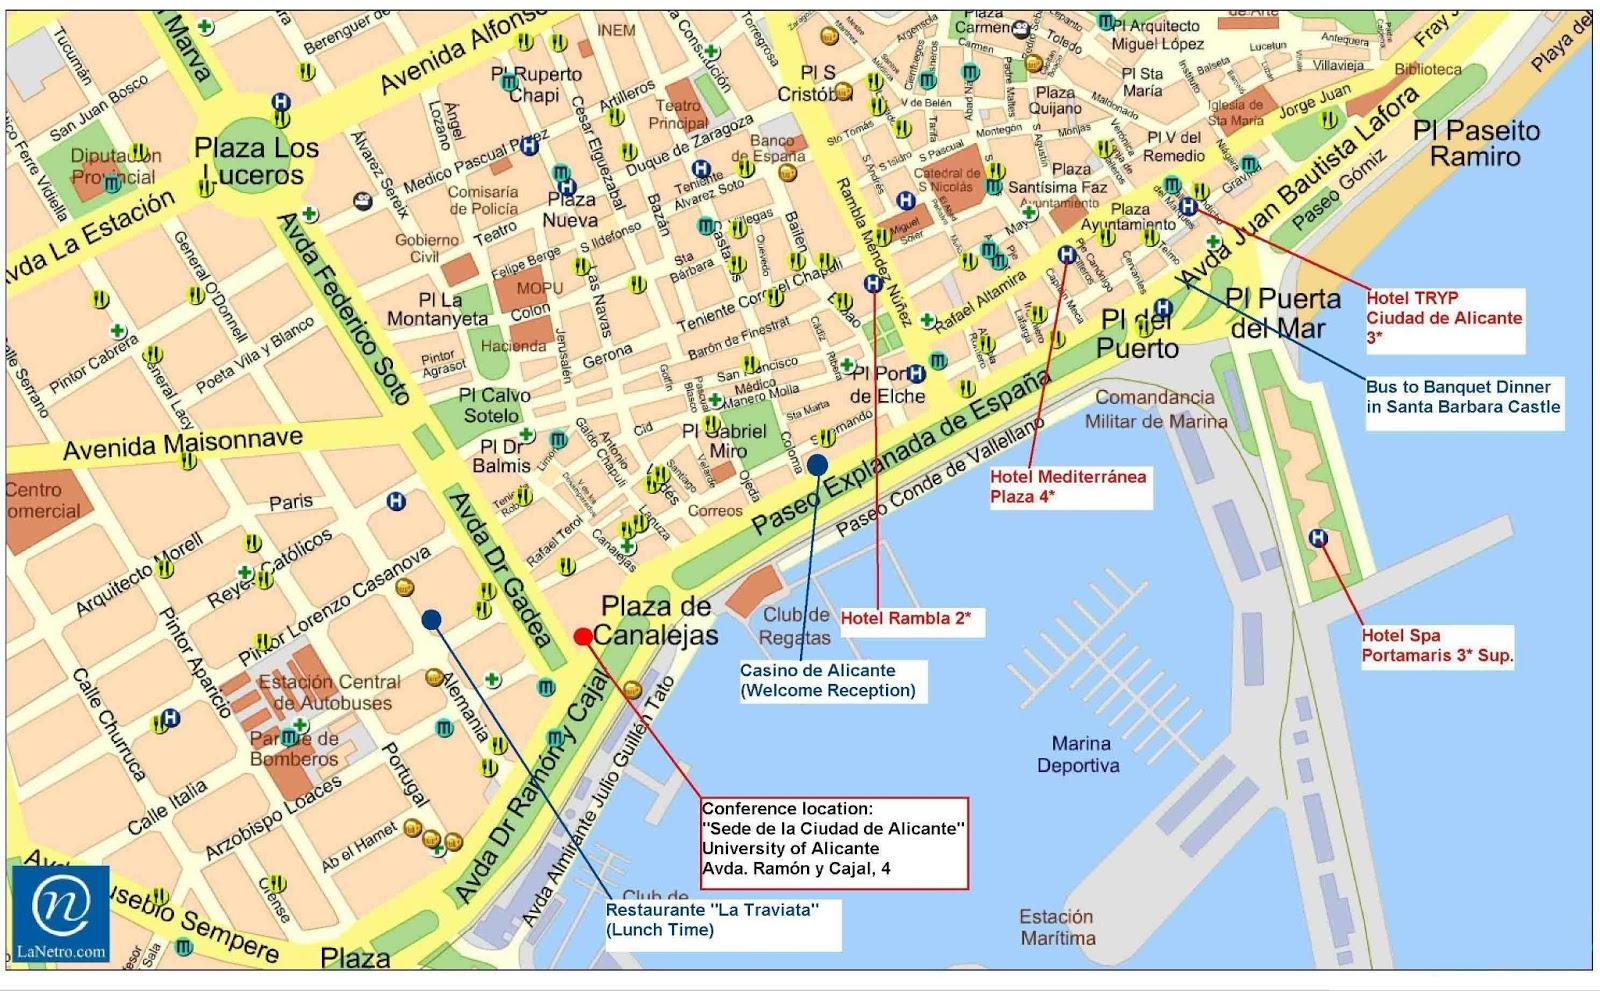 praias espanha mapa Mapas de Alicante   Espanha | MapasBlog praias espanha mapa